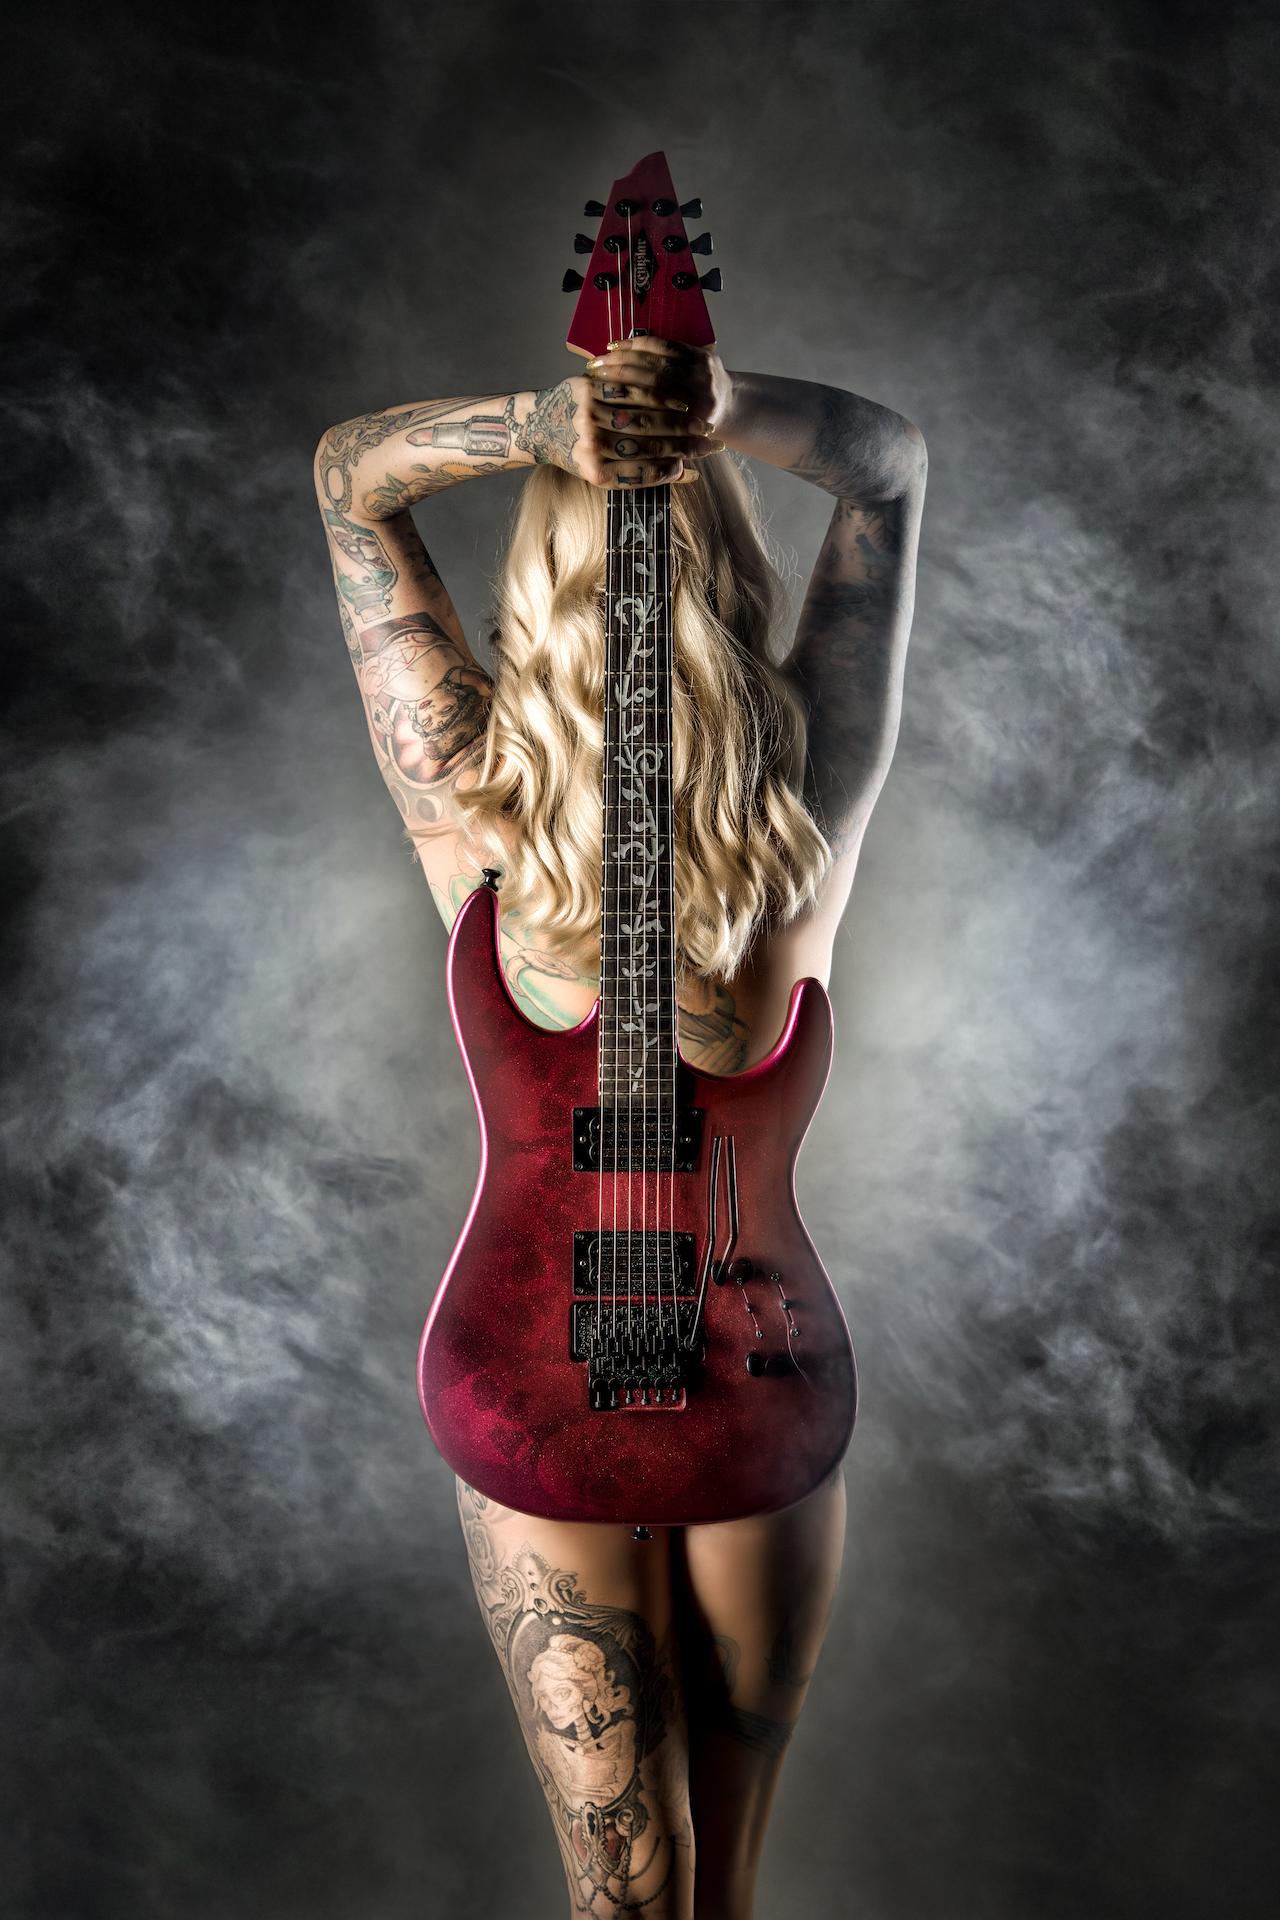 Guitar0617ashleyNelson - IMGL8924-Edit-Edit.jpg